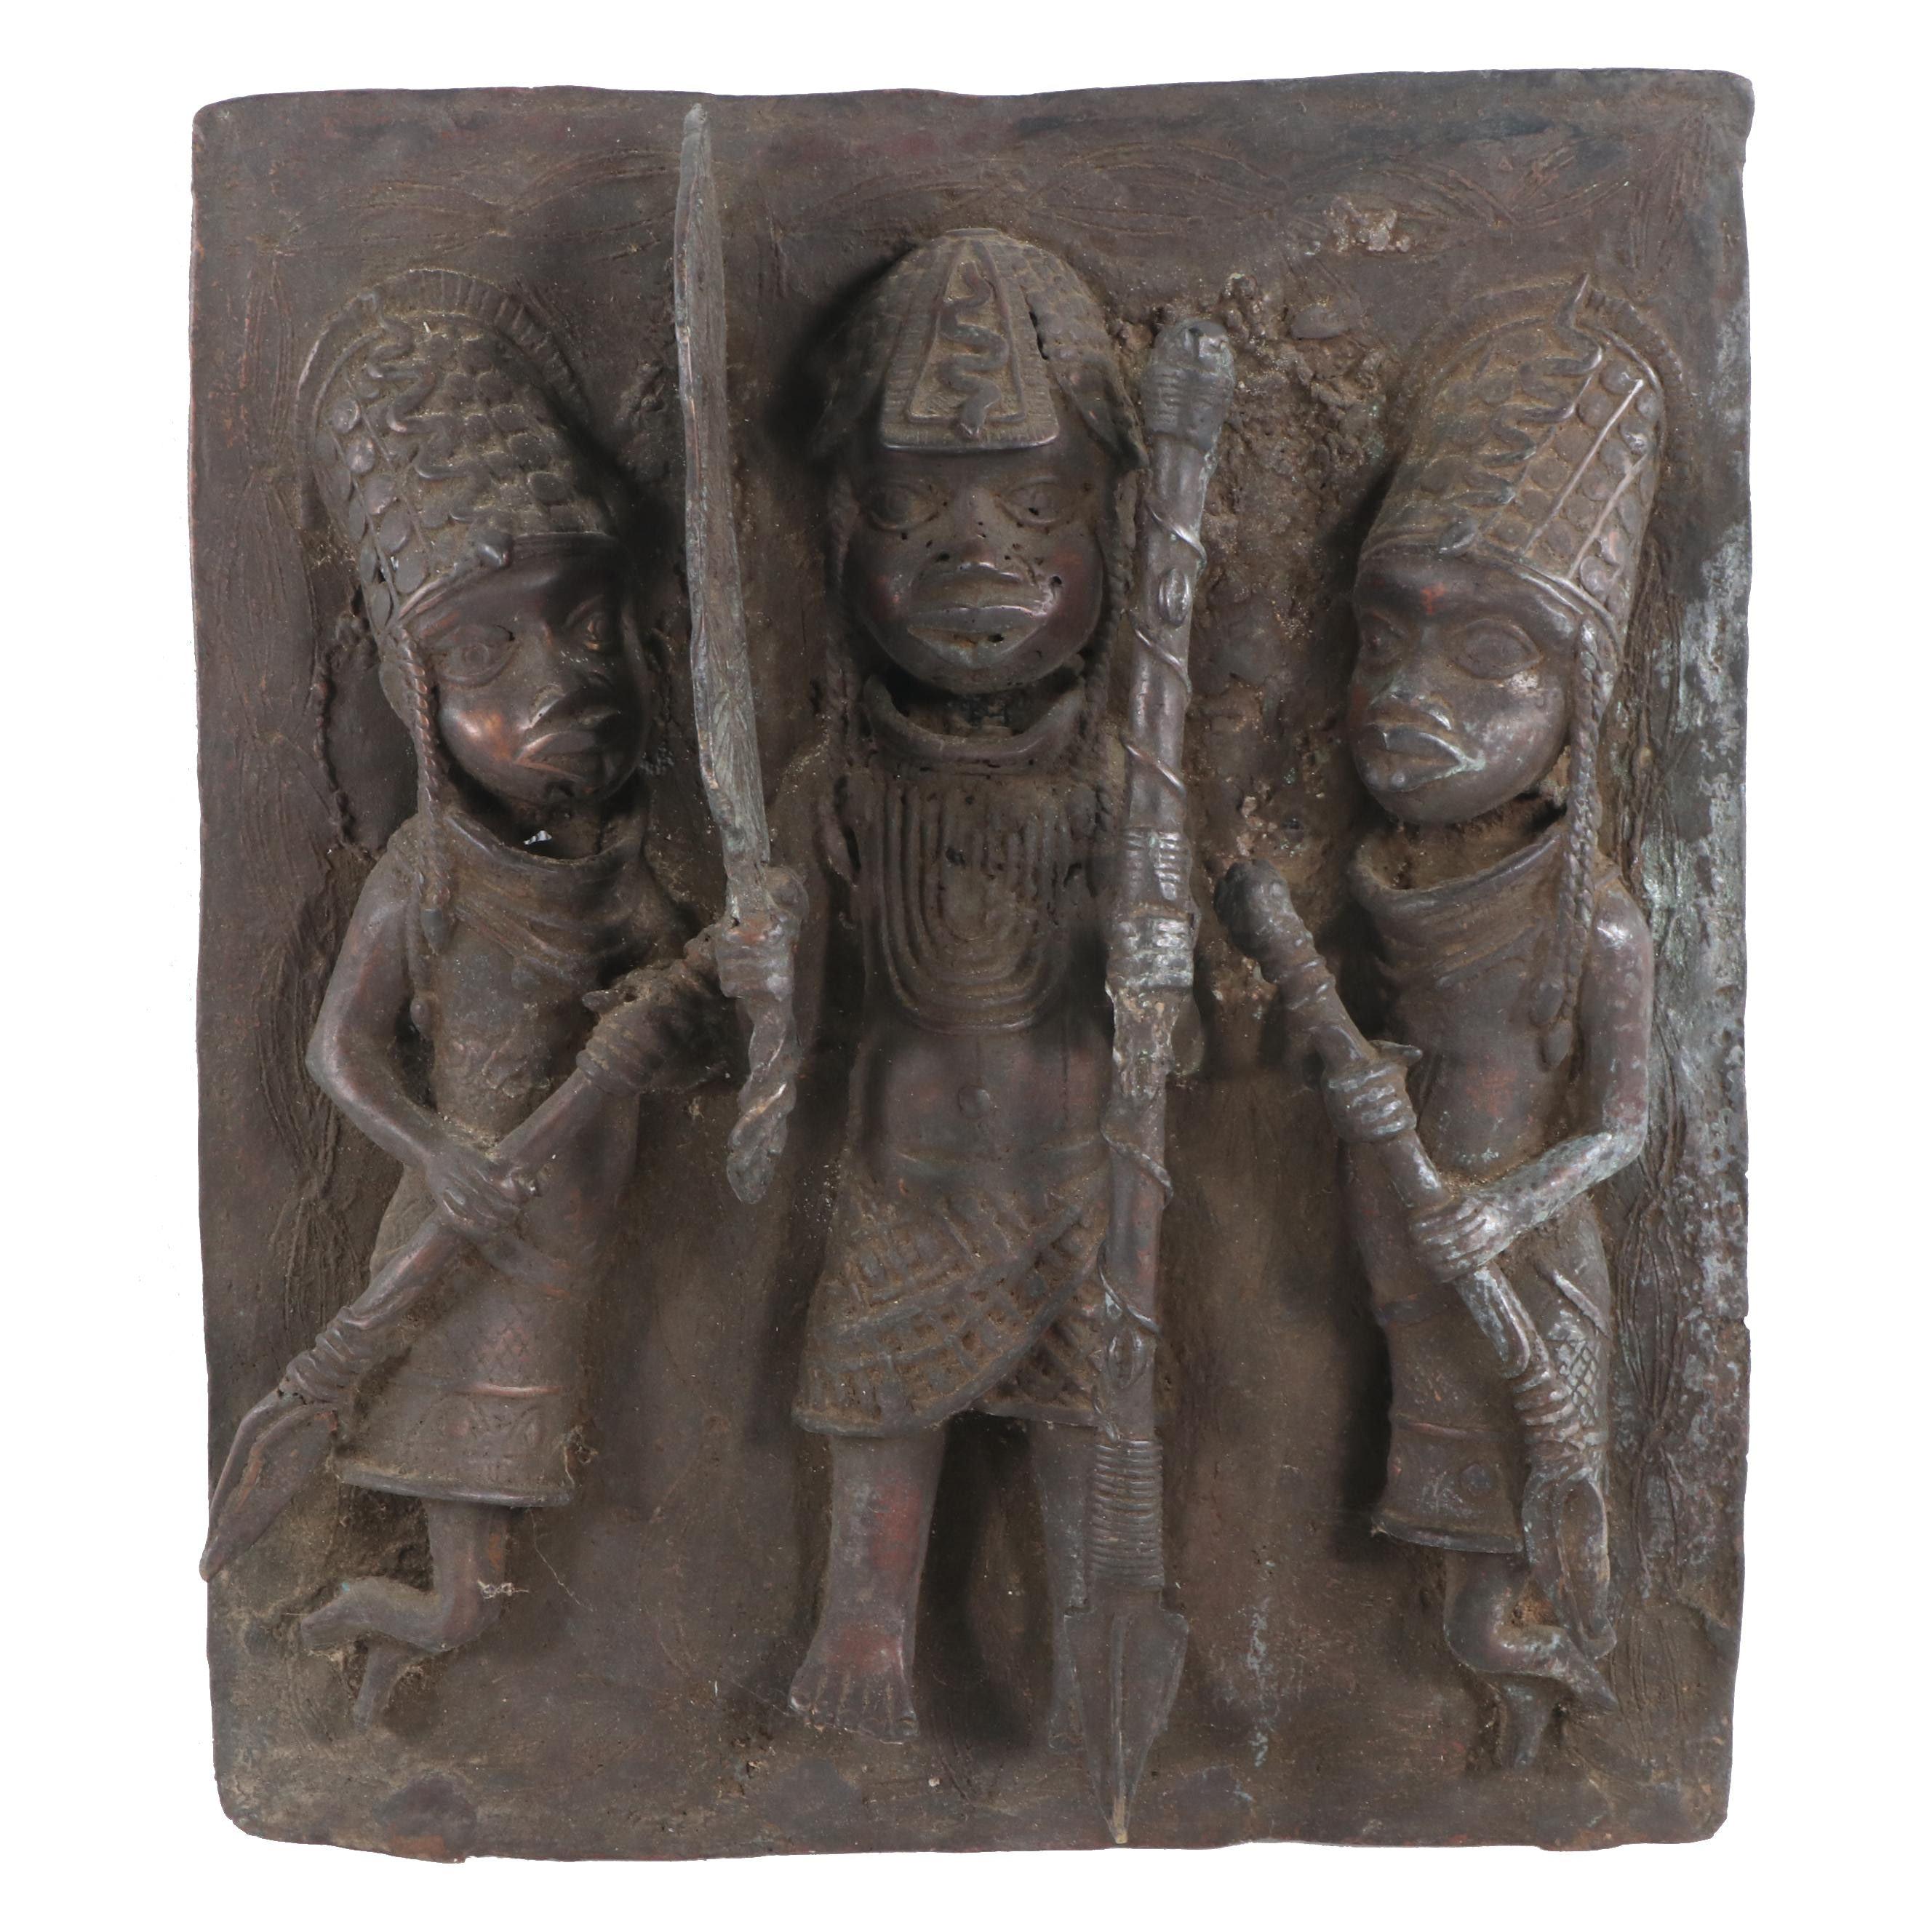 African Iron Wall Art